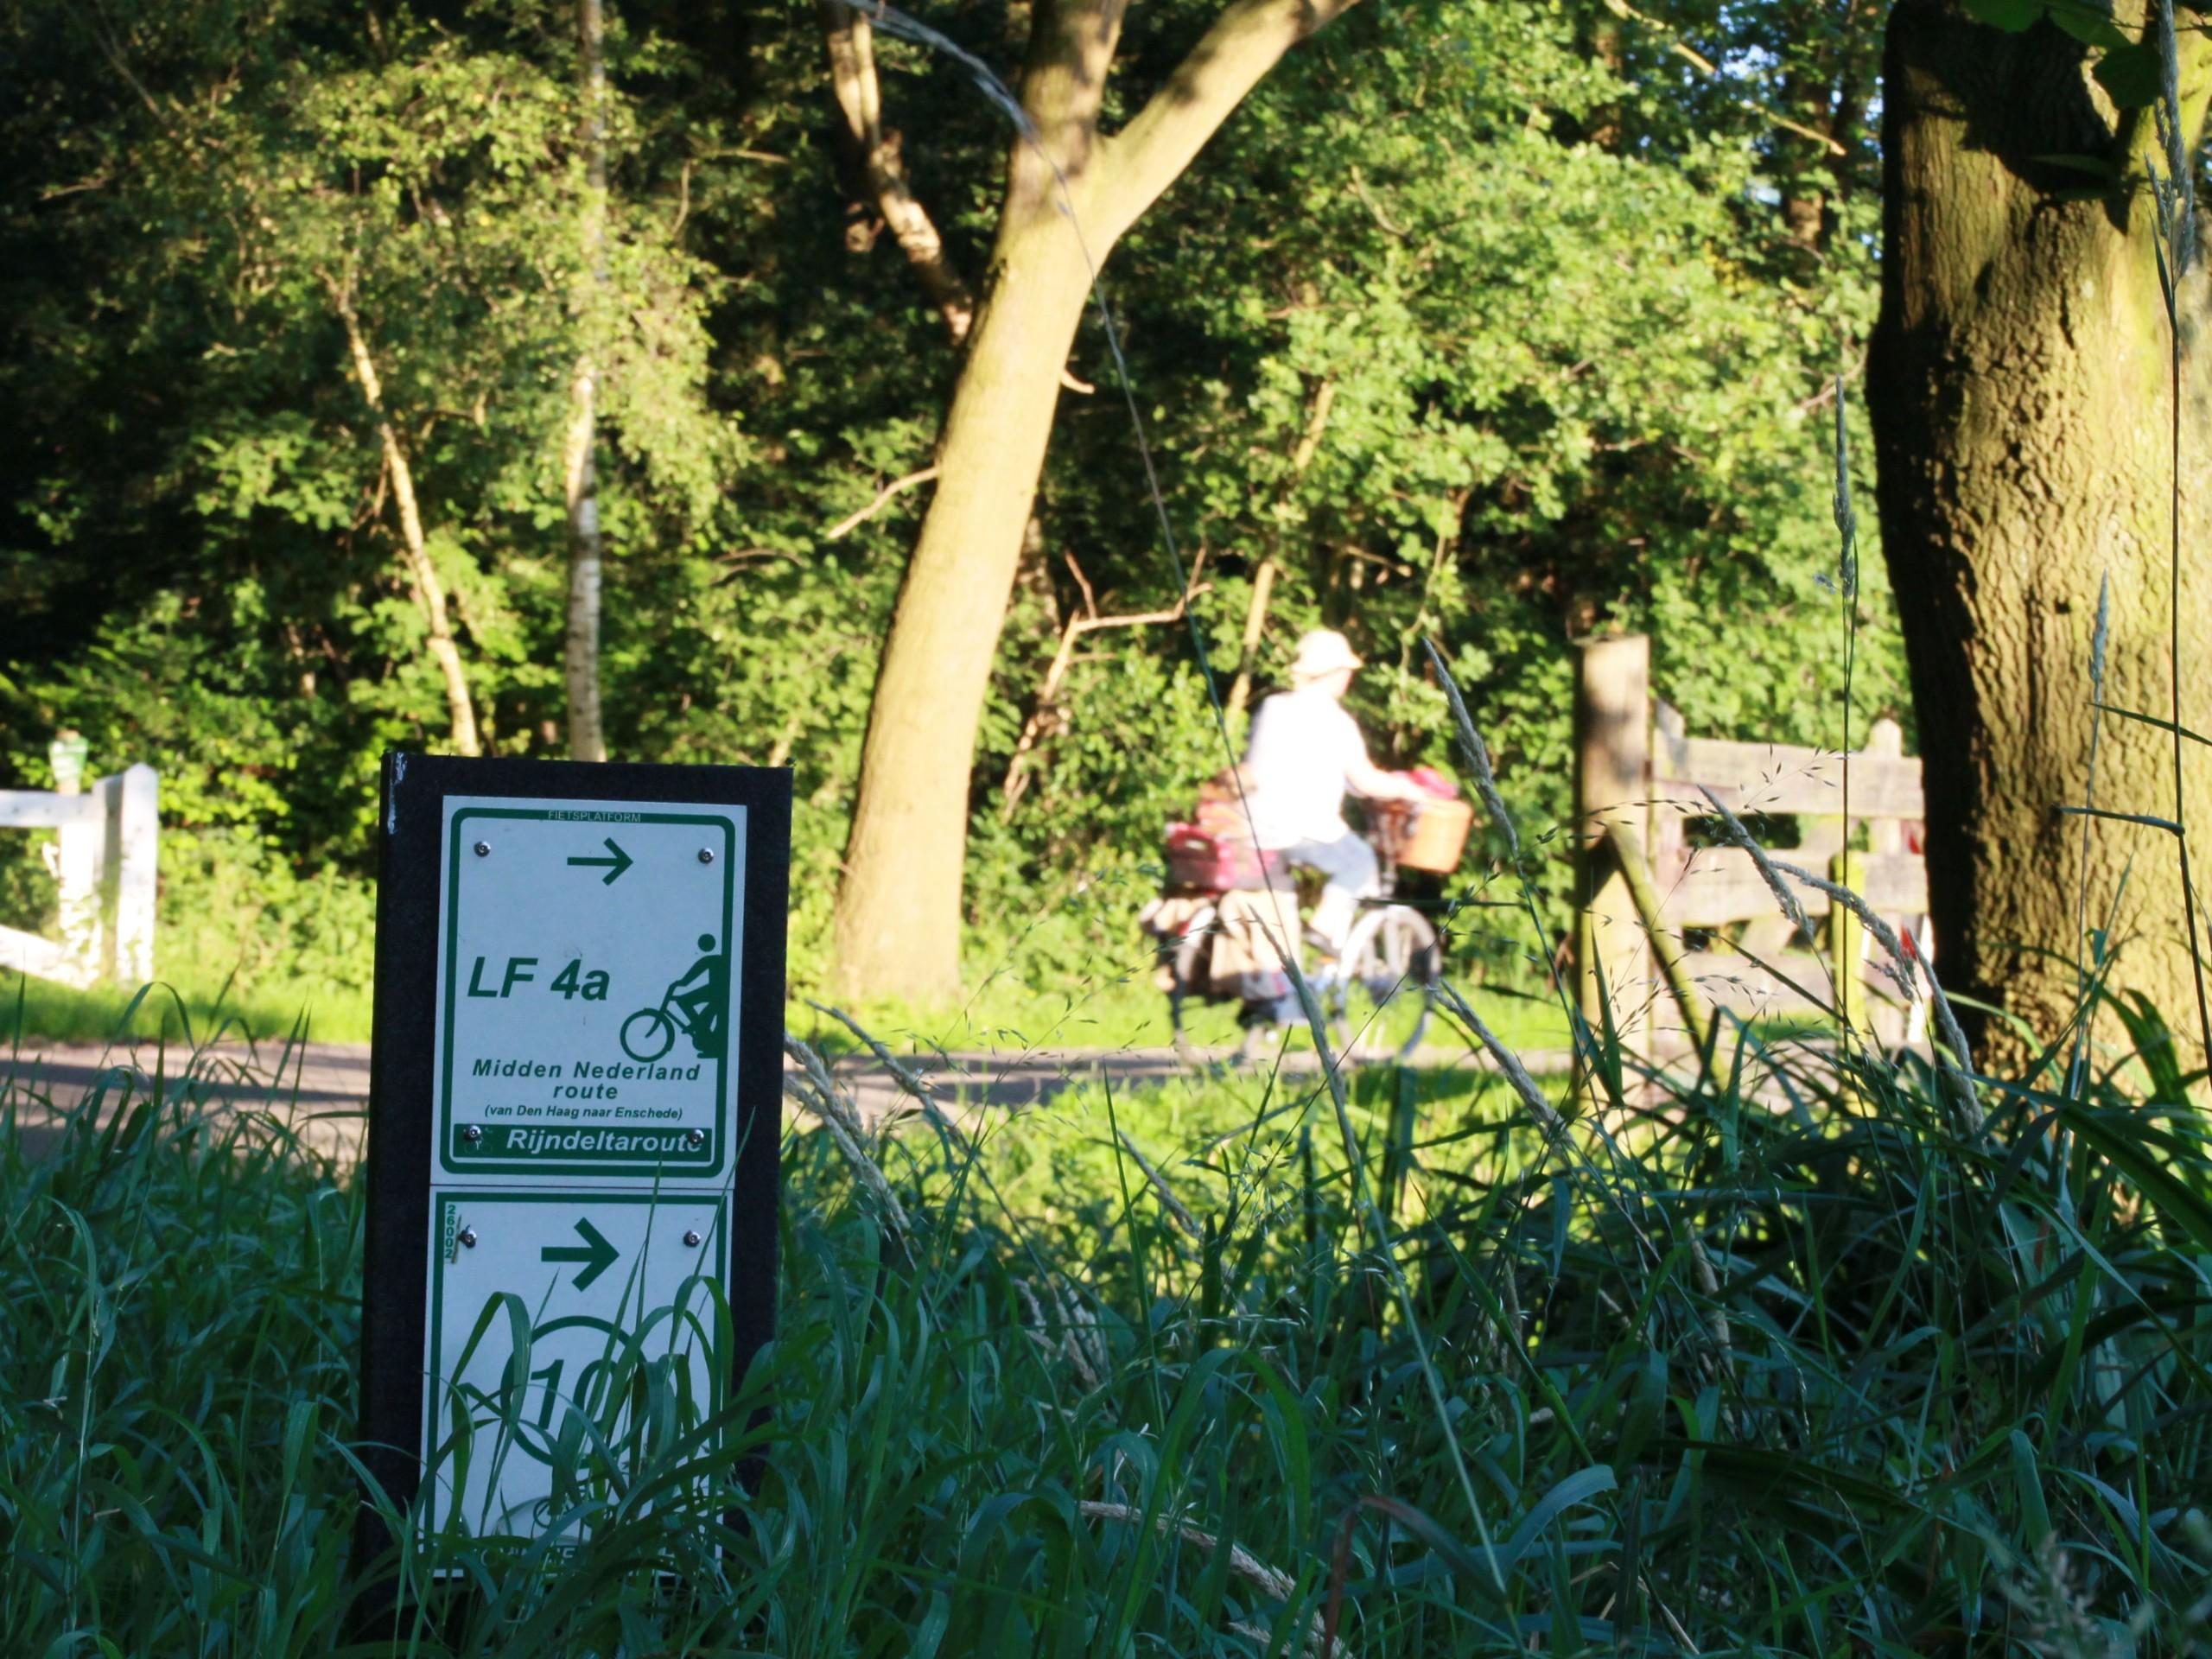 Biking paths in Utrecht